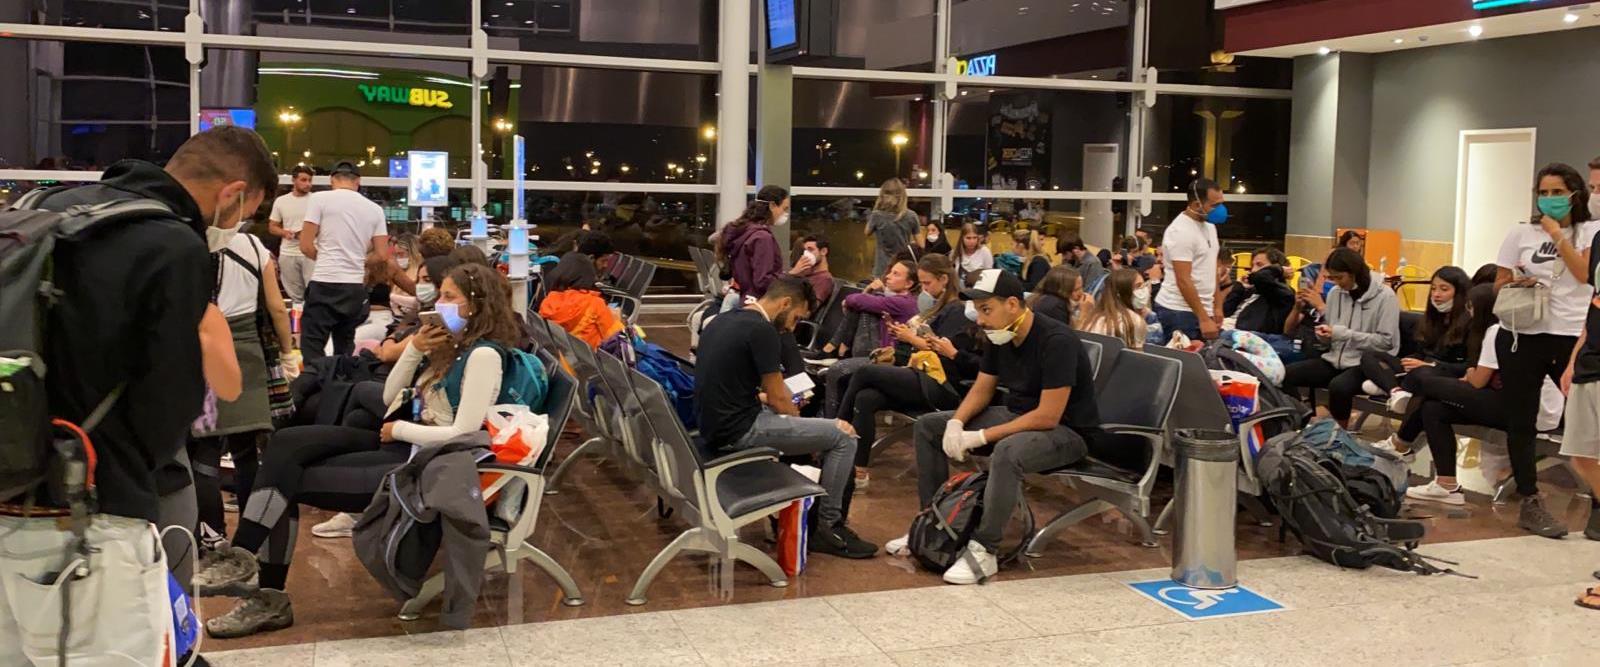 Les Israéliens qui ont quitté le Pérou ont eu un comportement irrespectueux